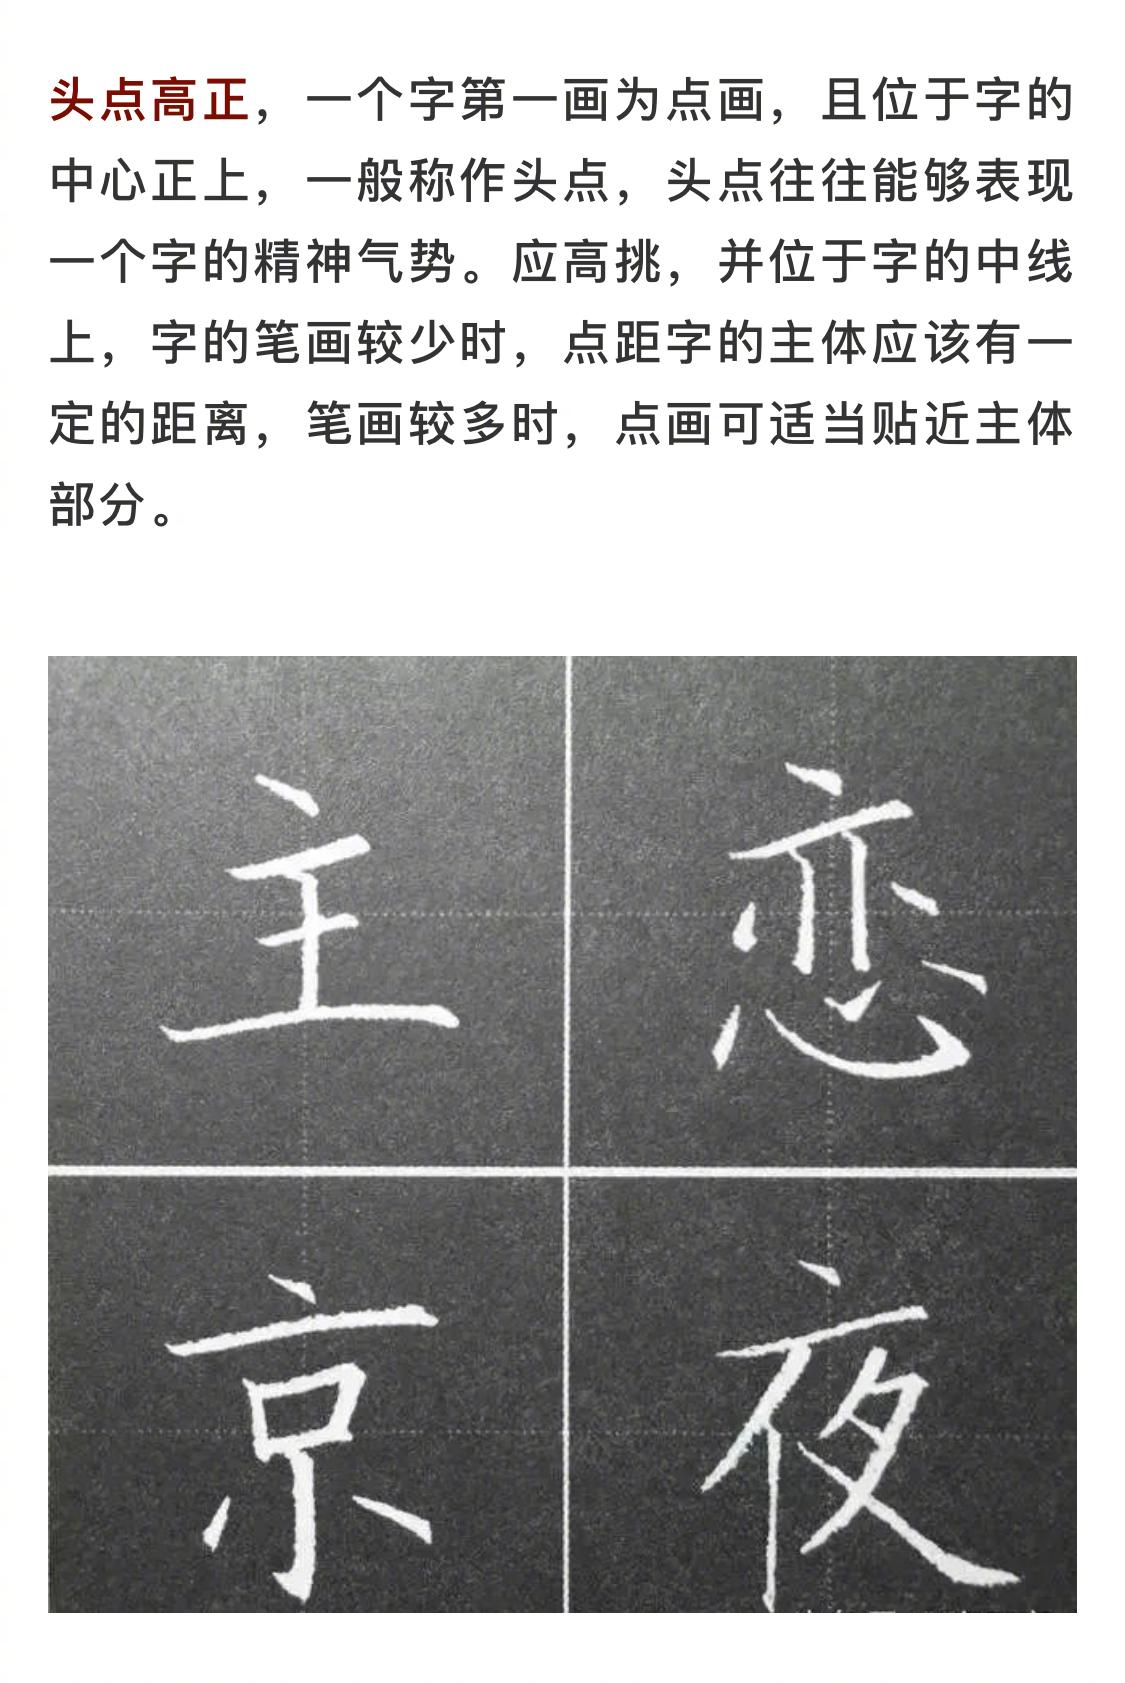 硬笔结构法则